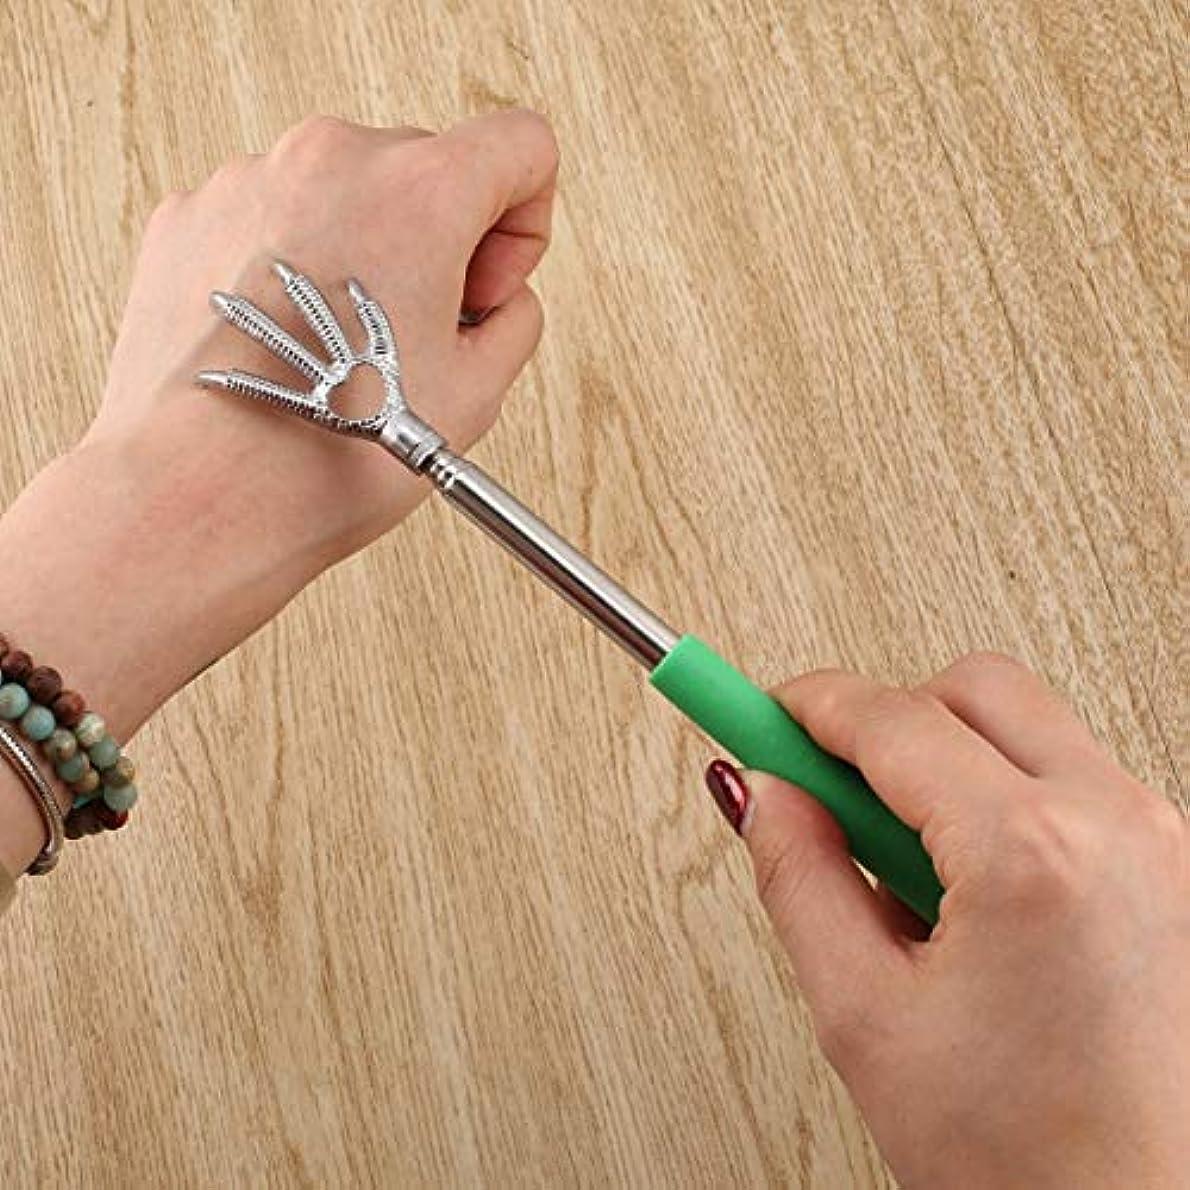 治す克服する熟達したCompact Telescopic Claw Stainless Steel Massager Back Scratcher 22-58cm Adjustable Back Scratching Massage Hand...